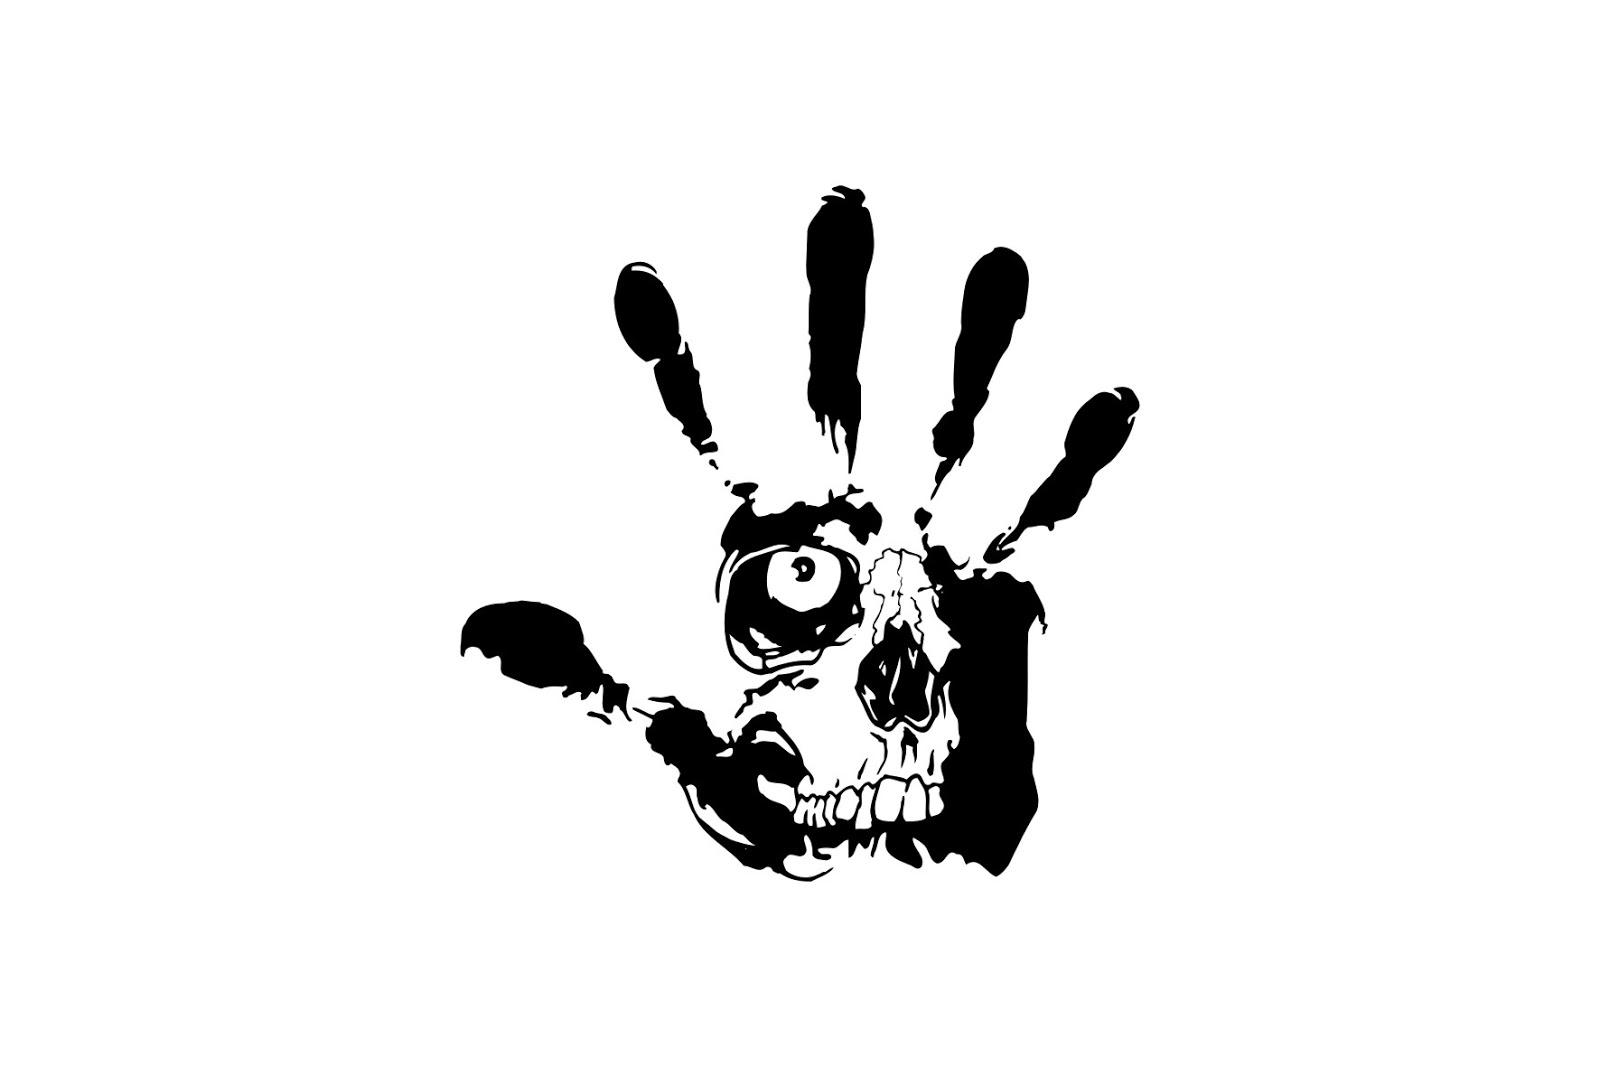 skull logo logoshare